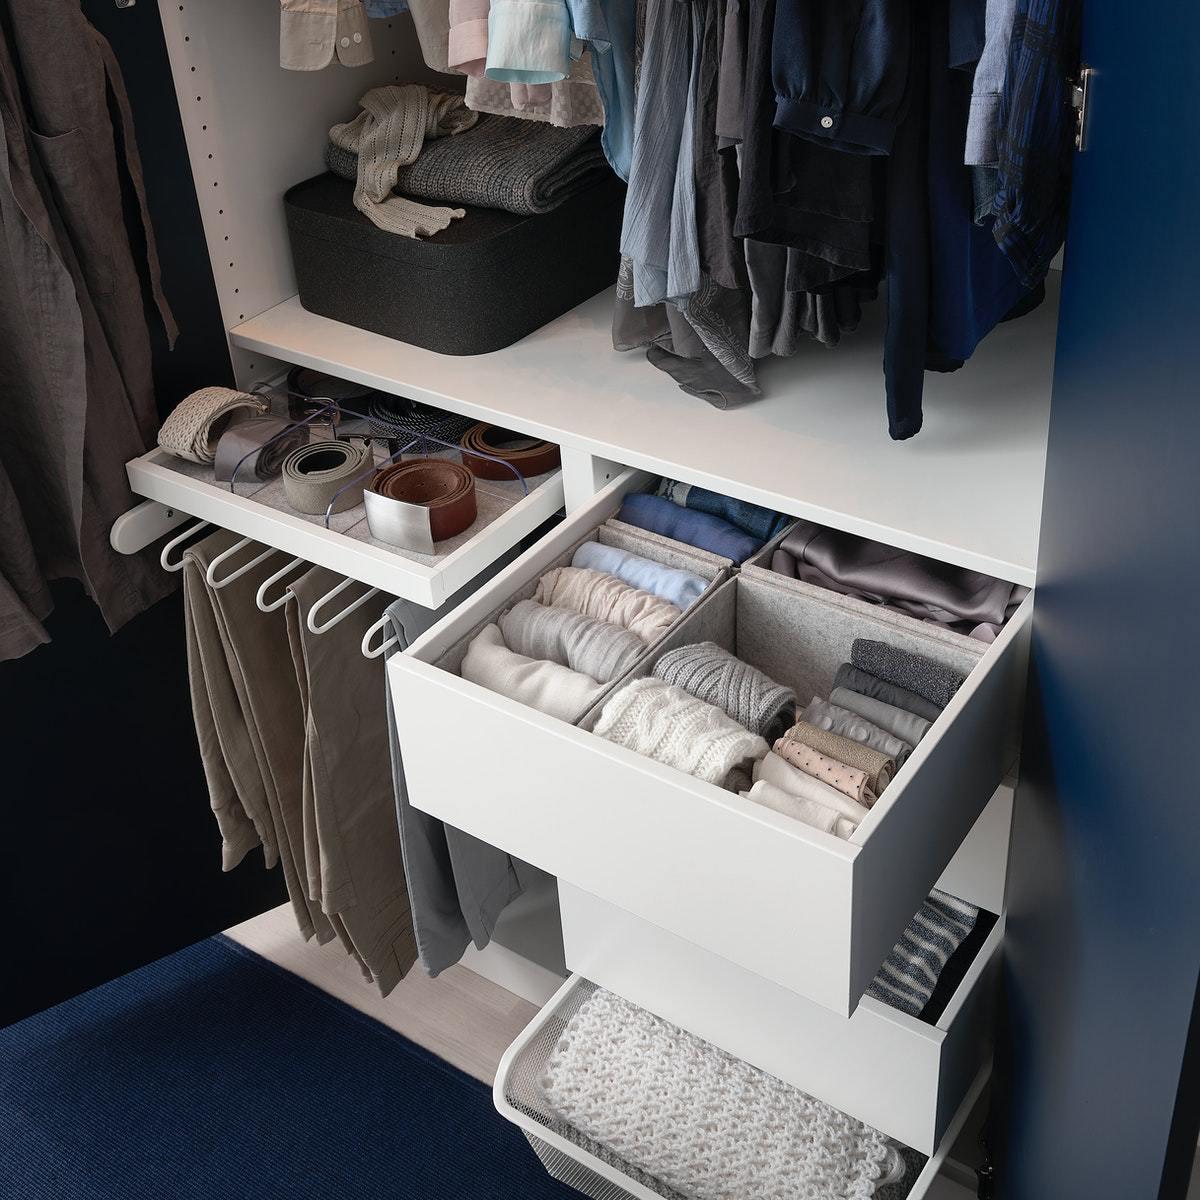 jak układać ubrania w szafie